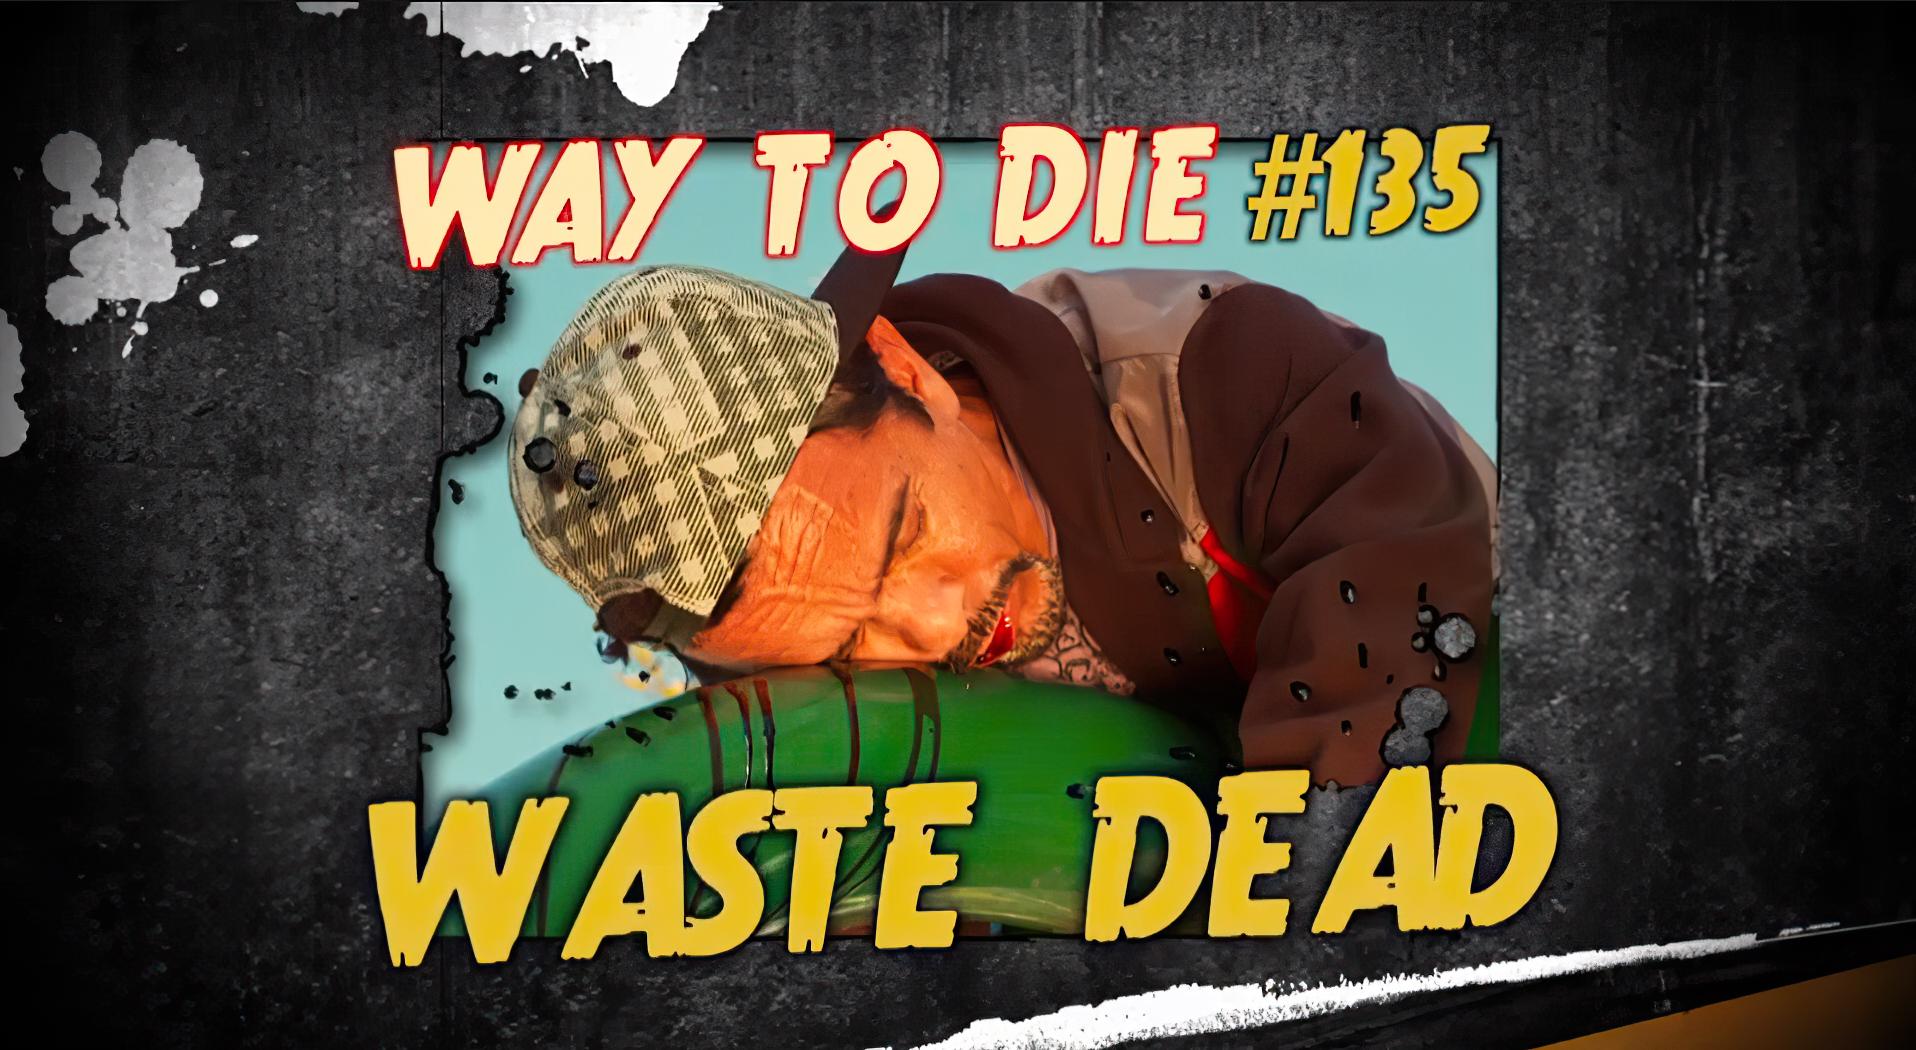 Waste Dead